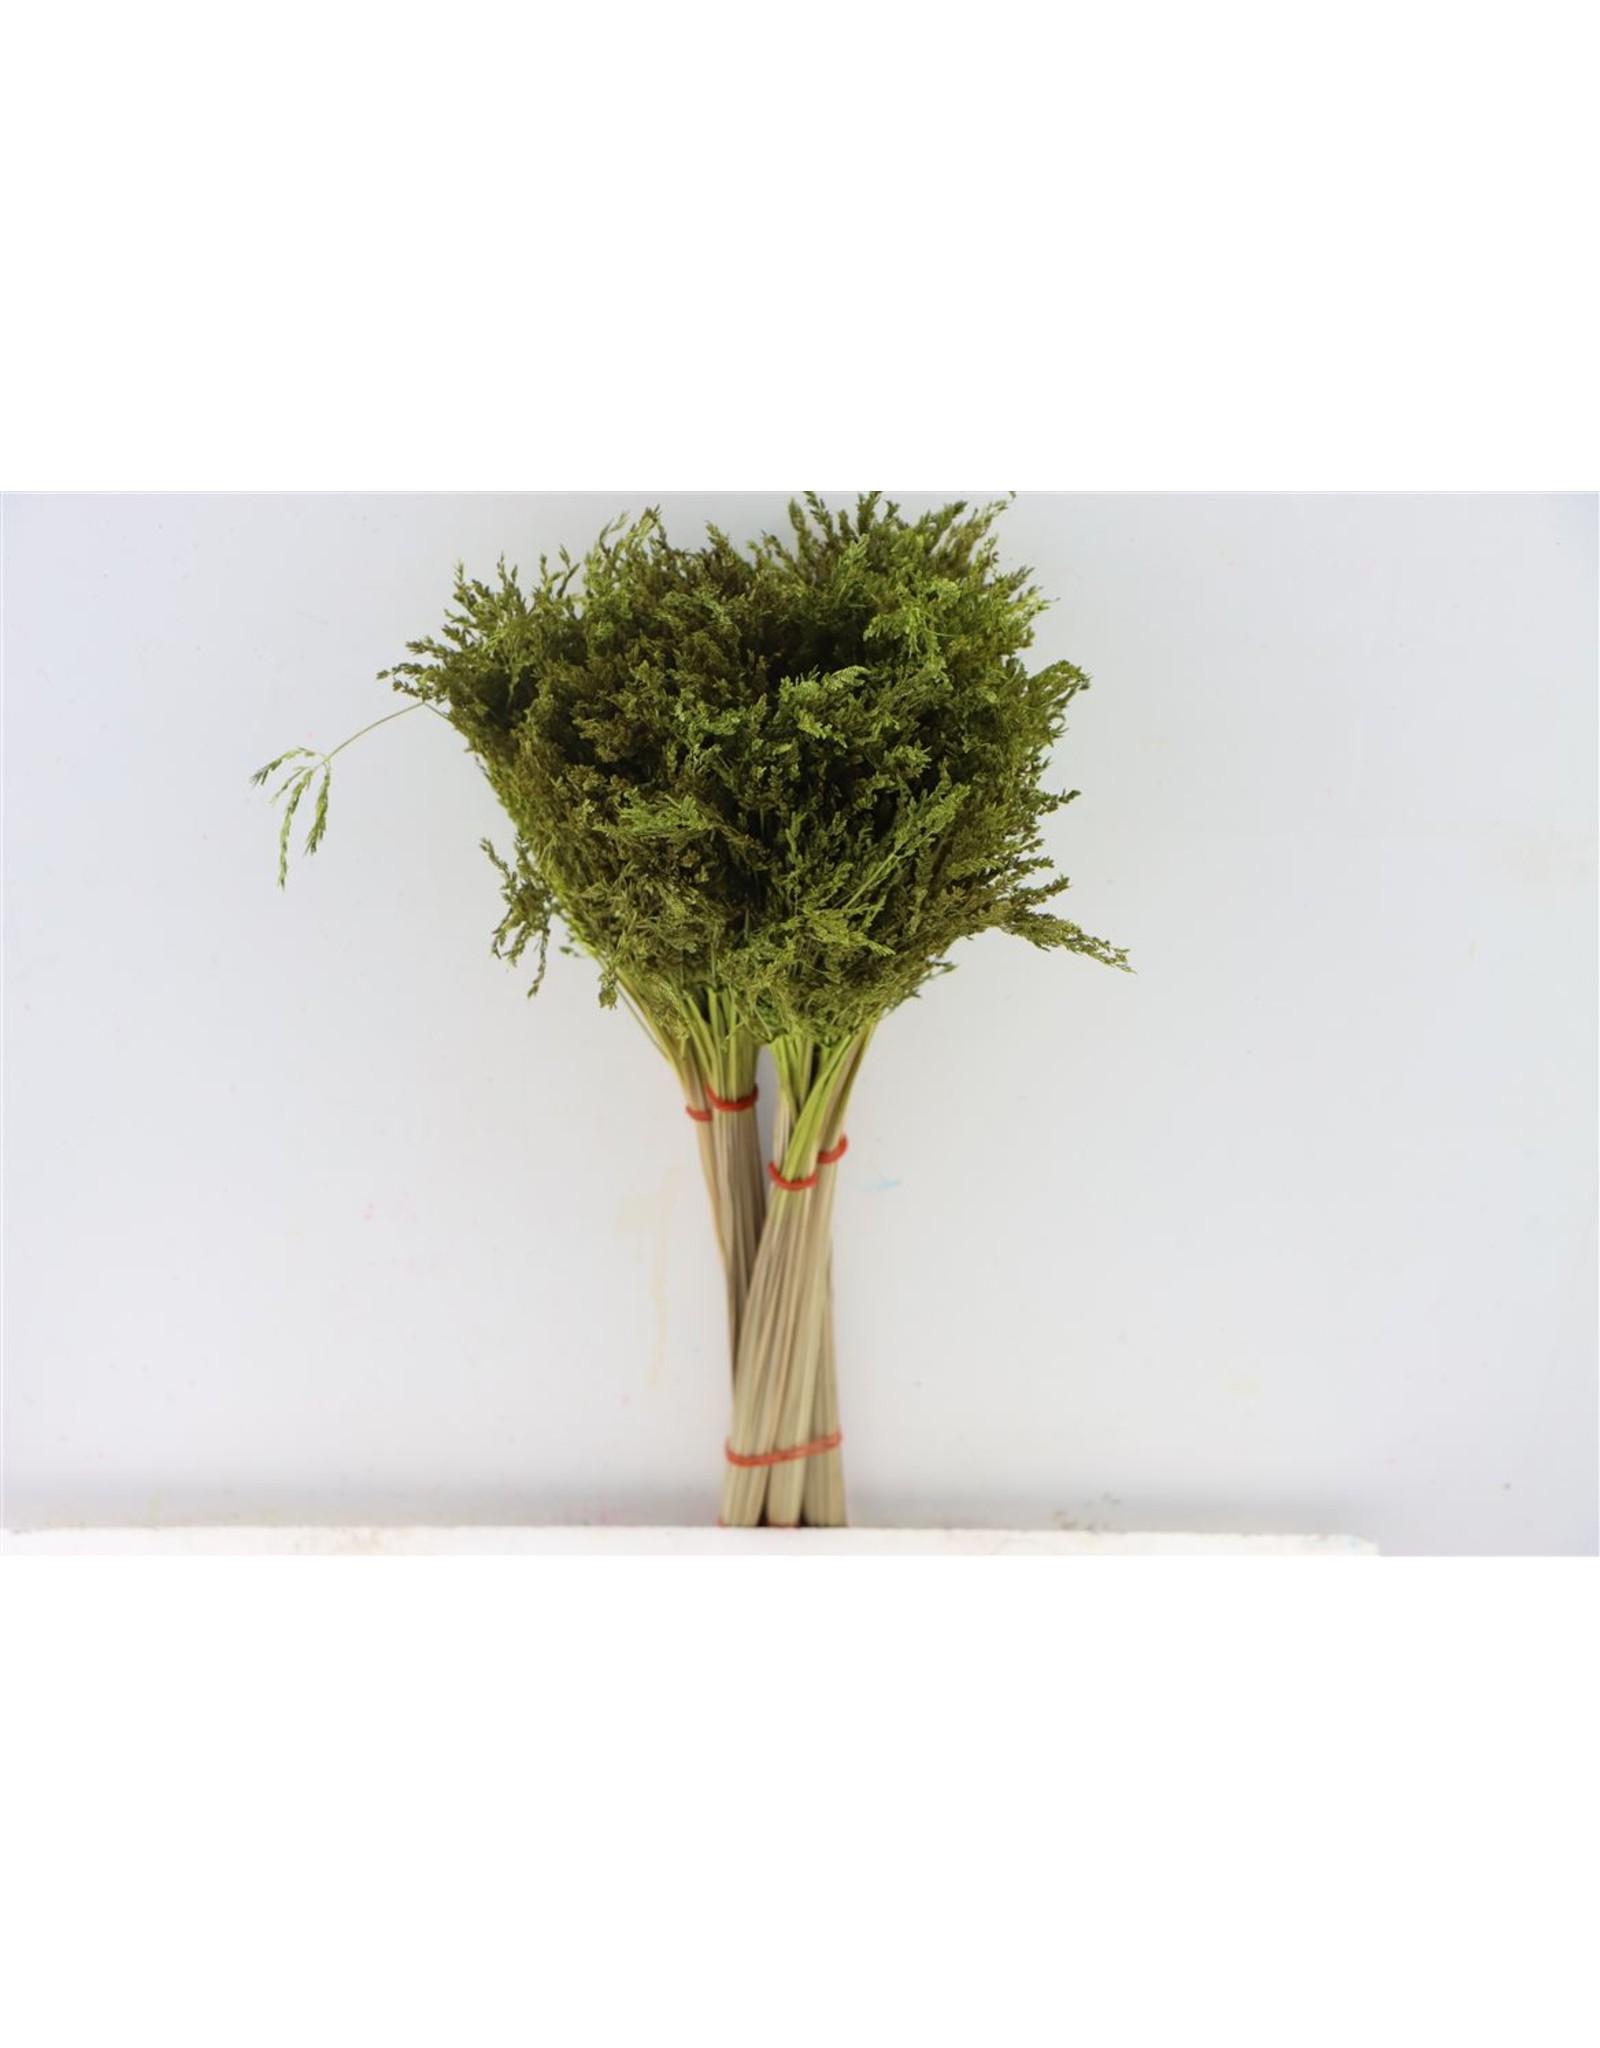 Dried Umbr. Sedge Sm. Leaf Green Bunch x 2